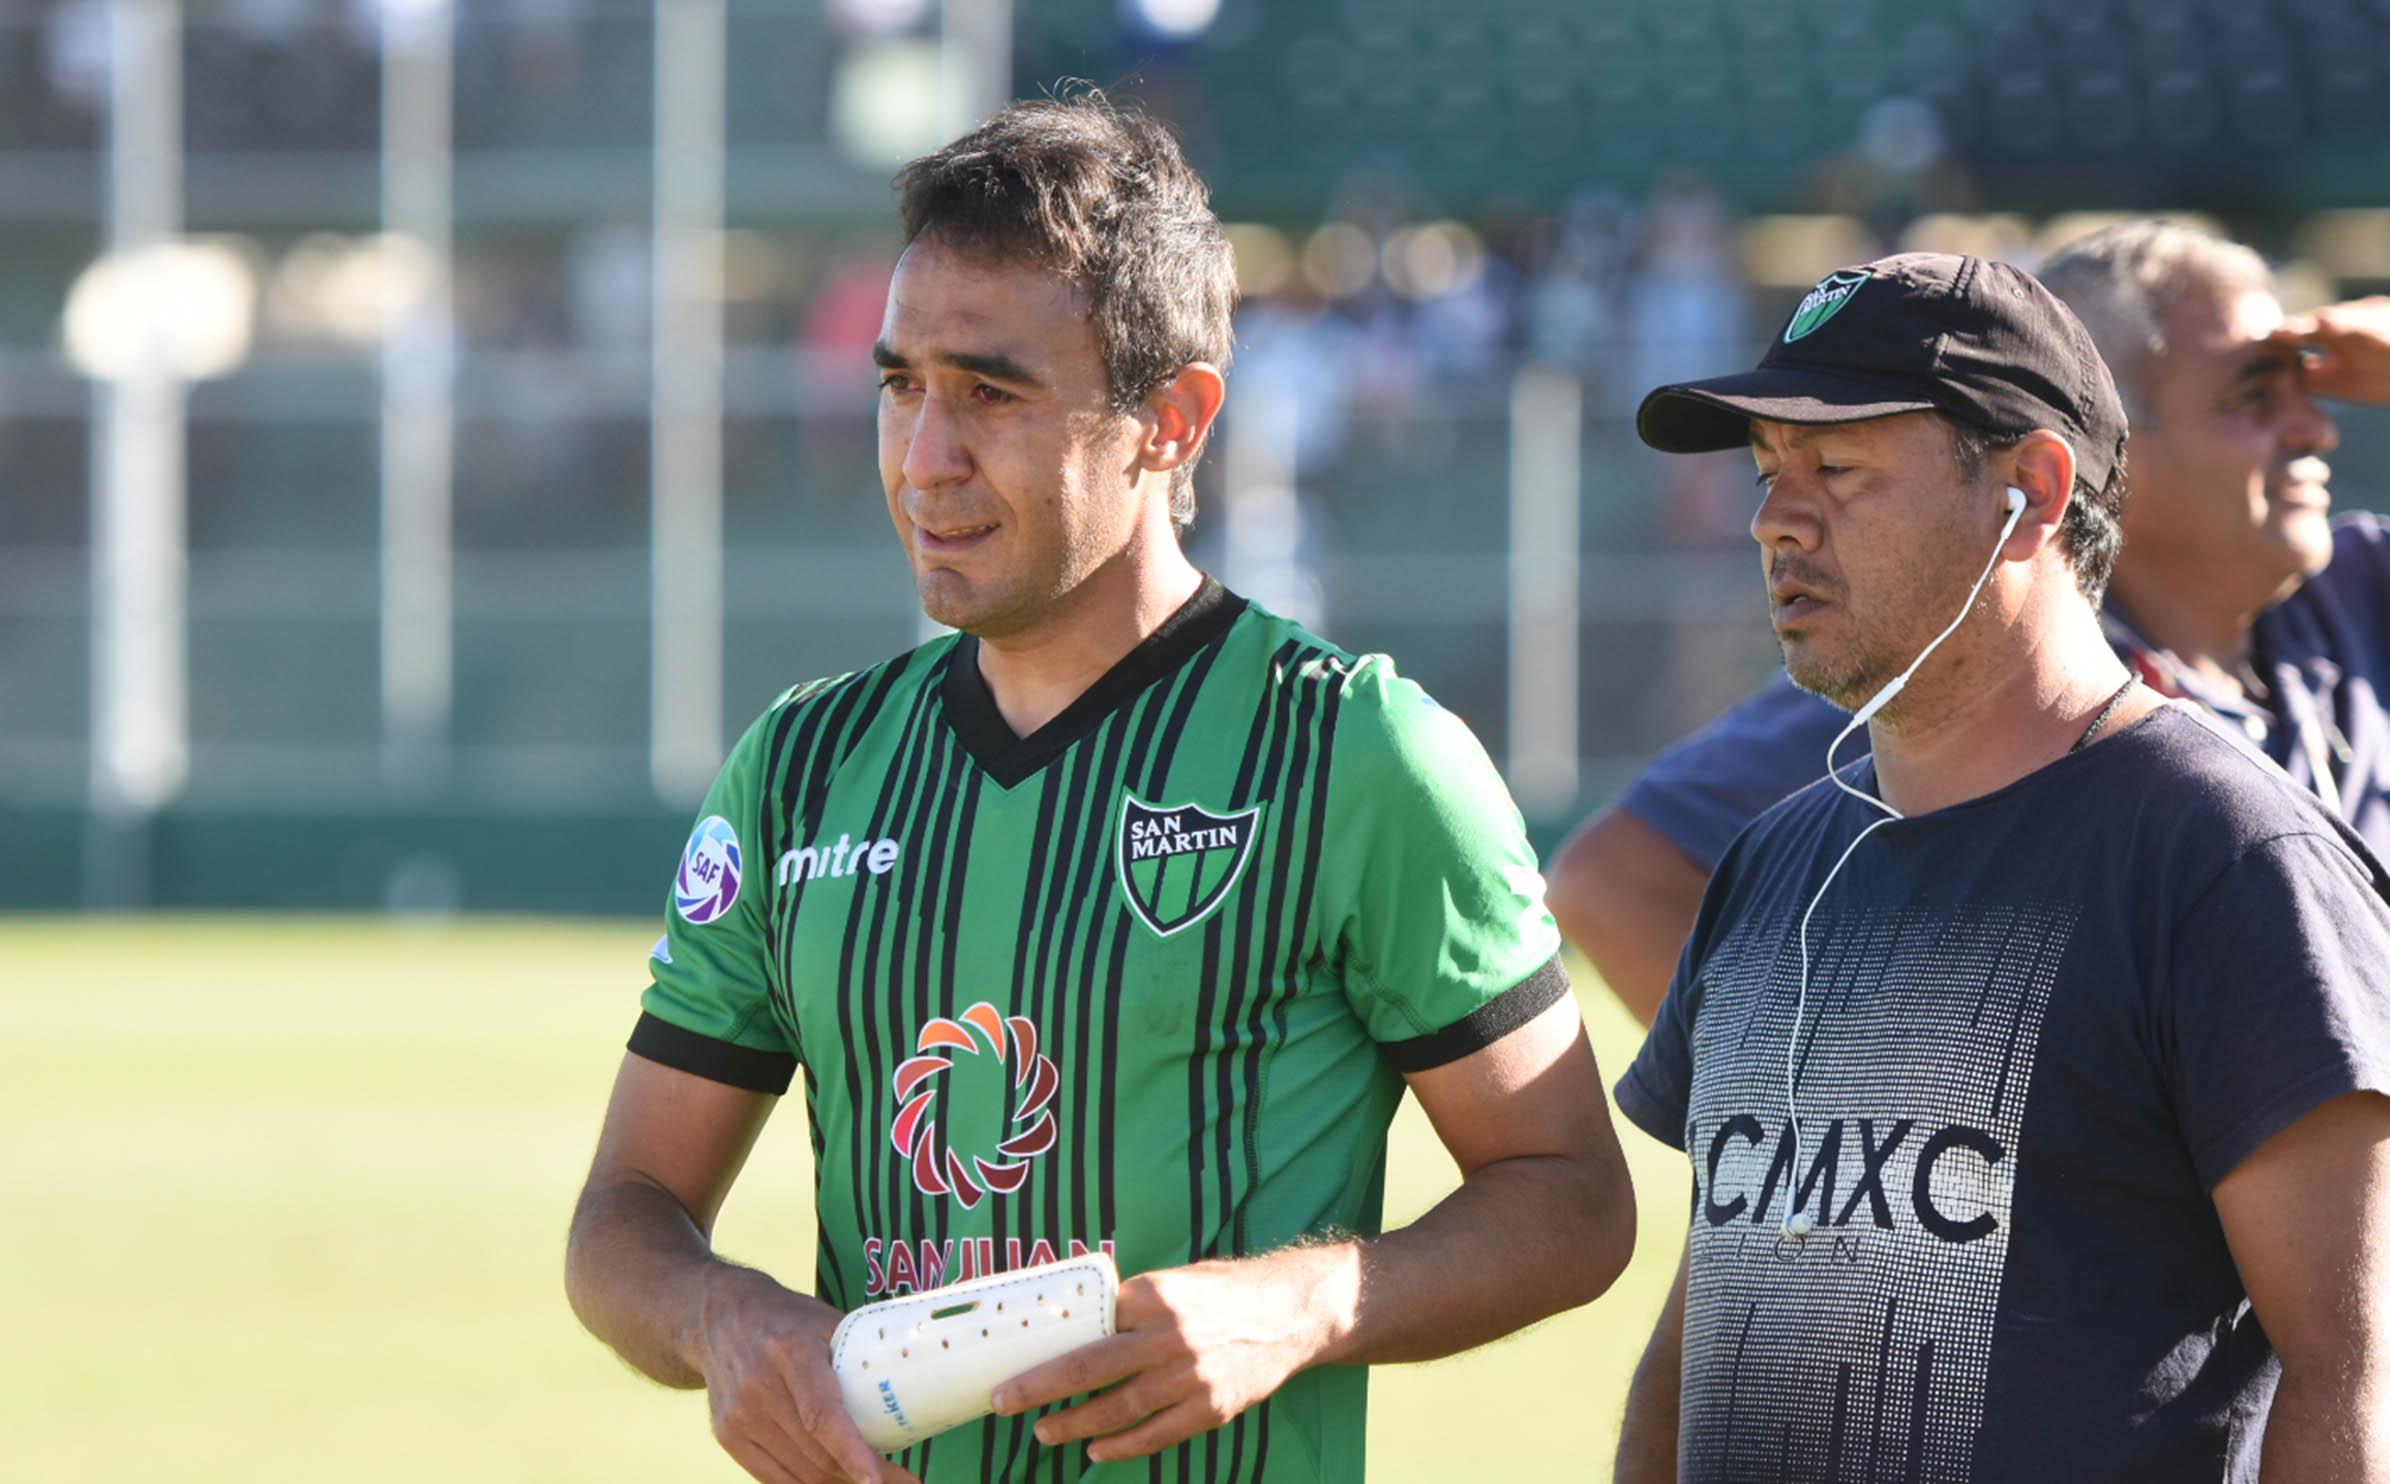 """El piquense Marcos Gelabert y su futuro en San Martín: """"Se me termina el contrato y es tristísimo no despedirme dentro de una cancha"""""""